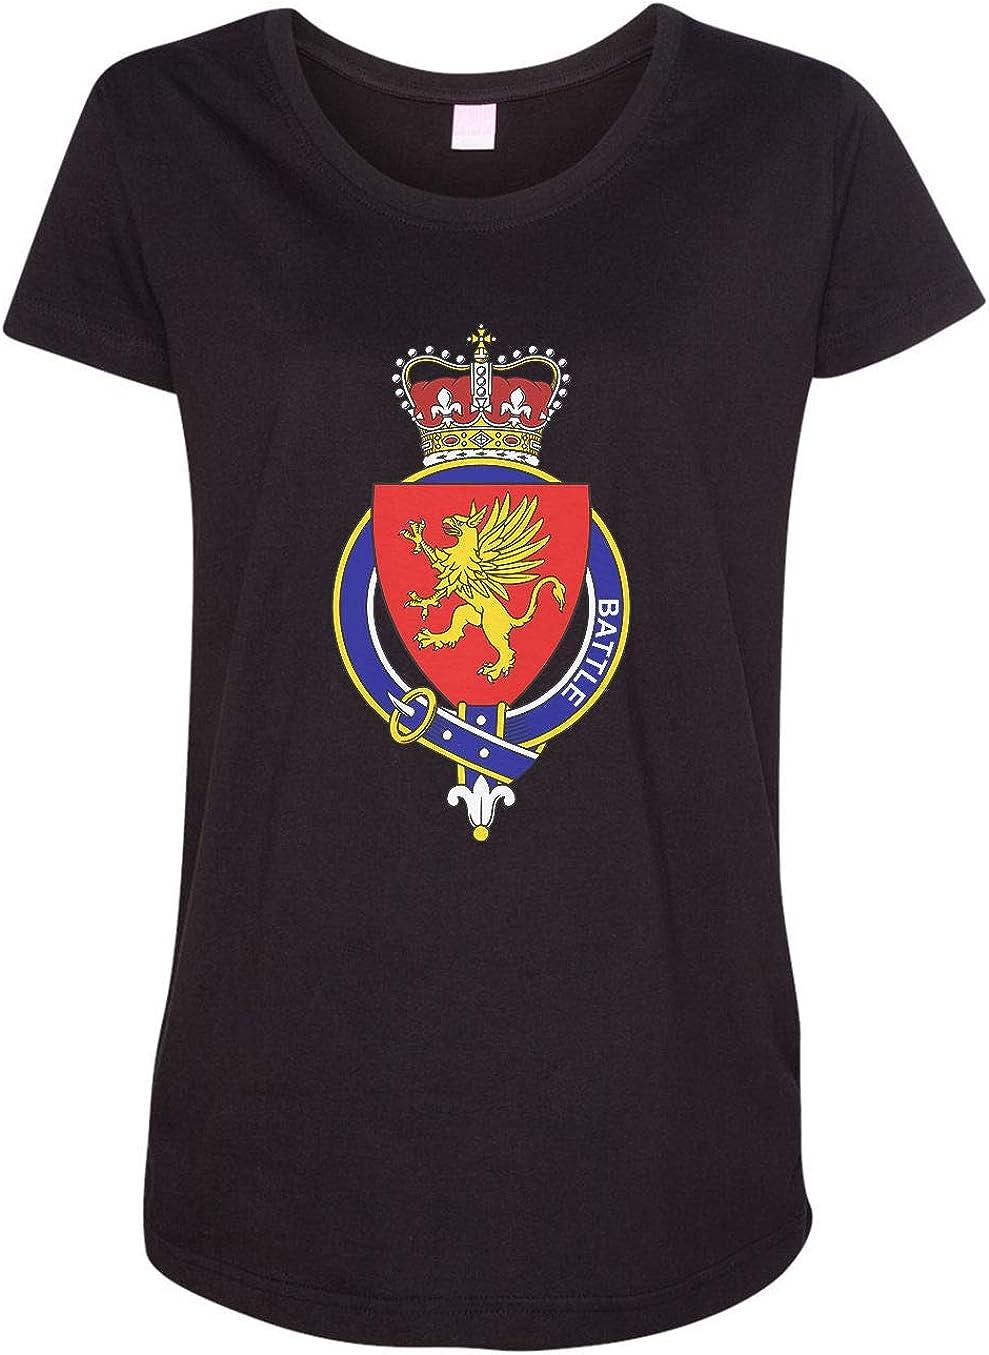 HARD EDGE DESIGN Women's Scottish Garter Family Battle T-Shirt